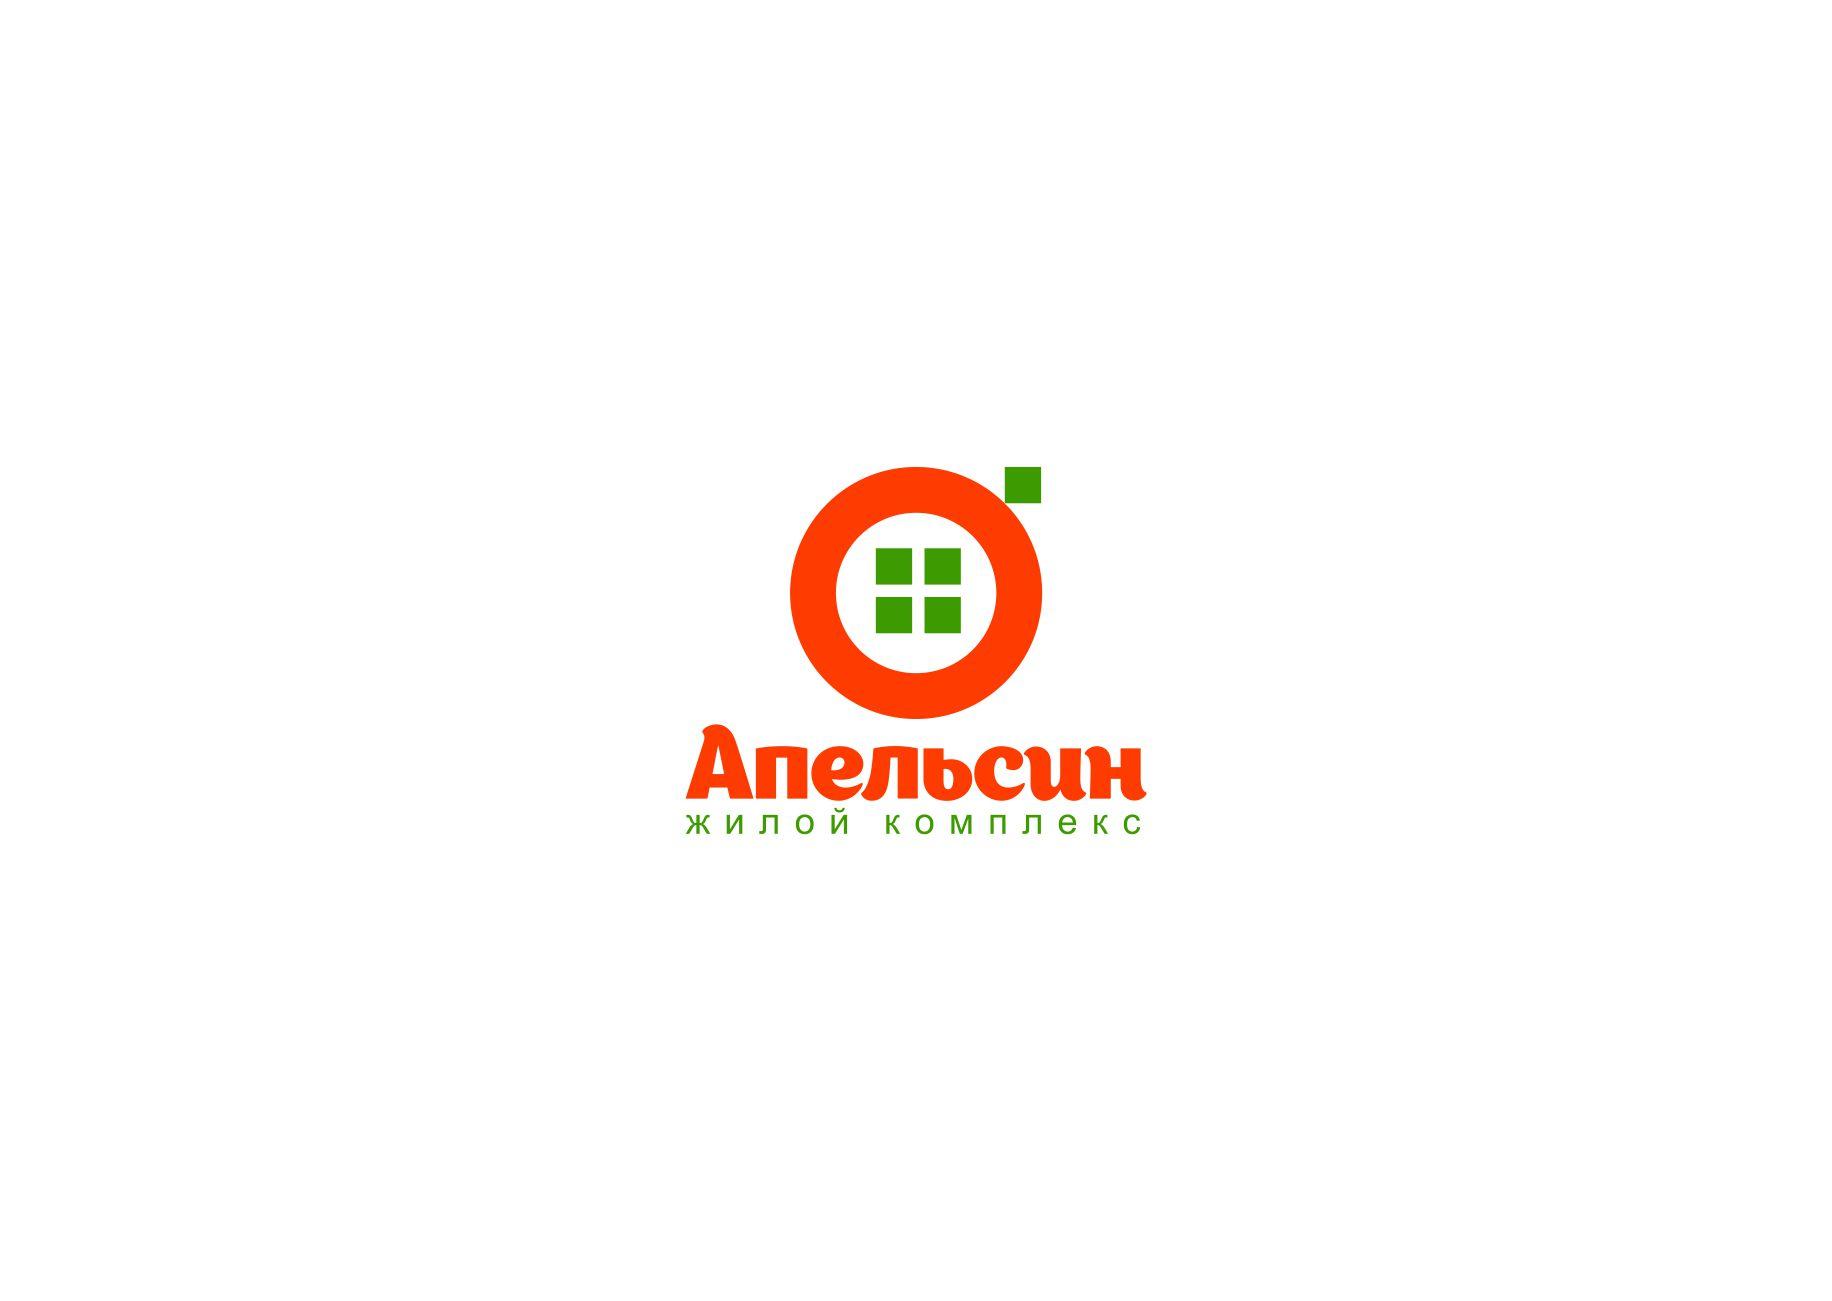 Логотип и фирменный стиль фото f_3675a5a7bccf35d0.jpg